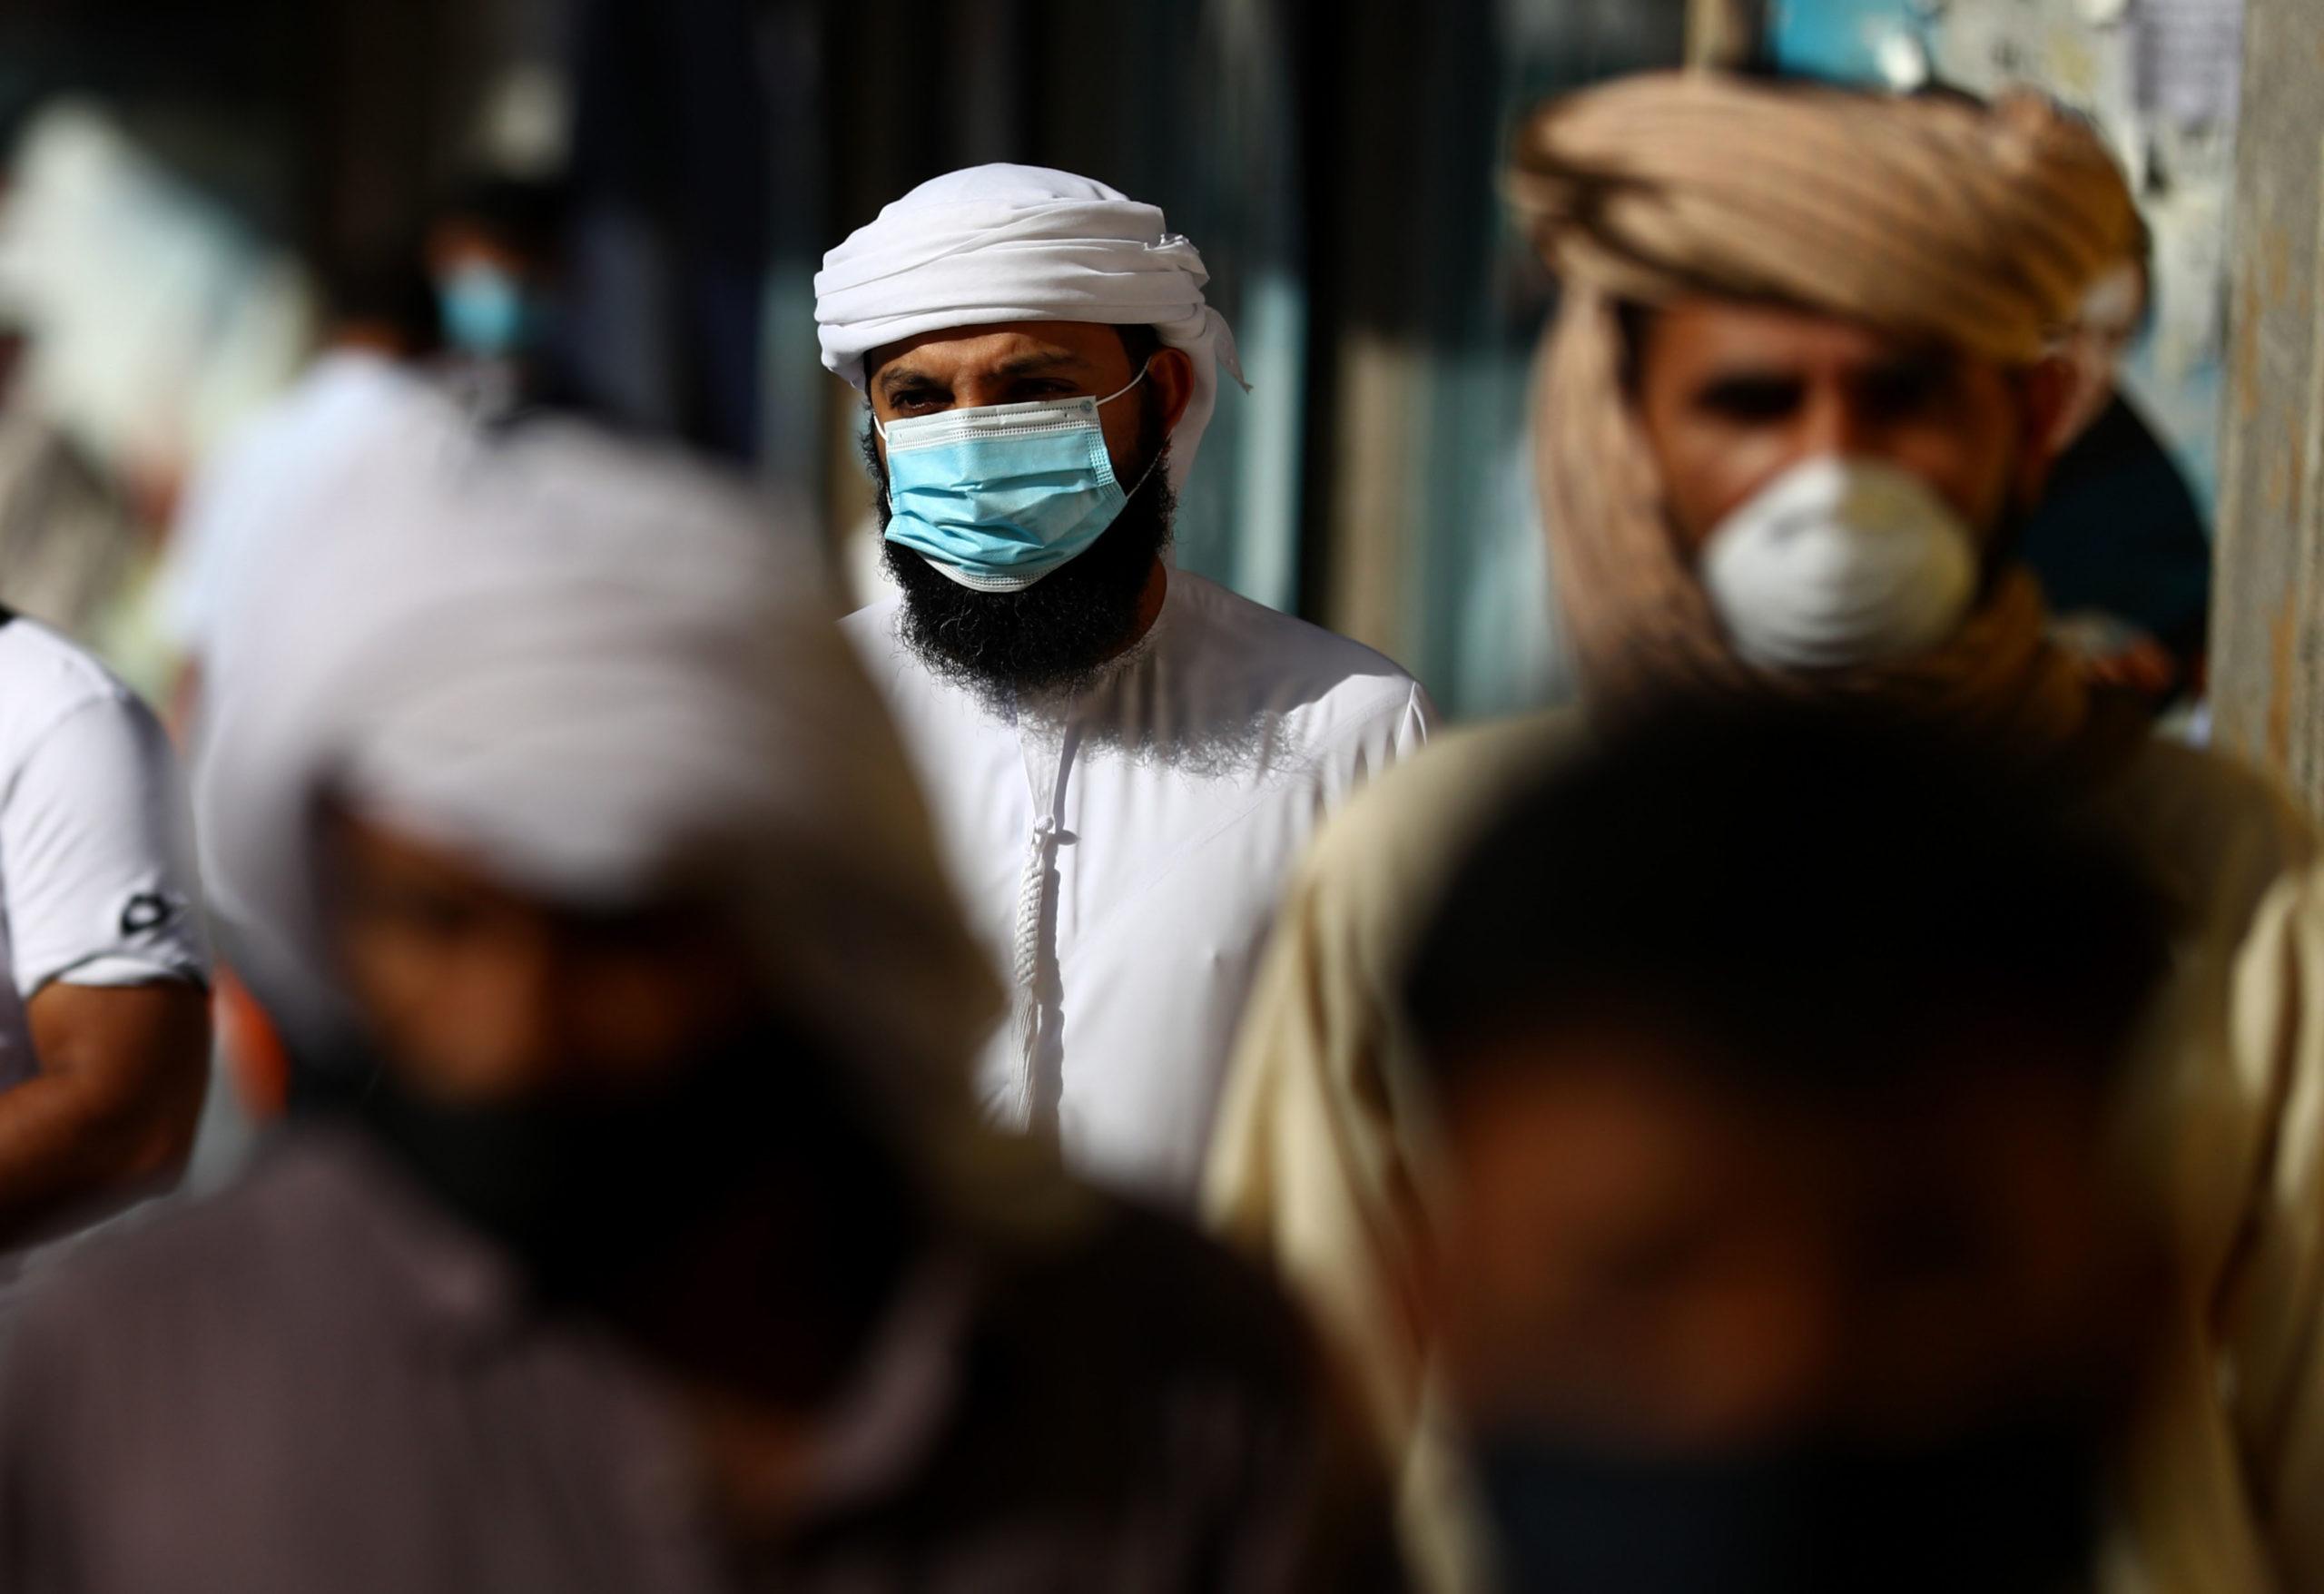 Për herë të parë që nga prilli, Emiratet e Bashkuara Arabe raportojnë 0 raste vdekjesh nga Covid-19